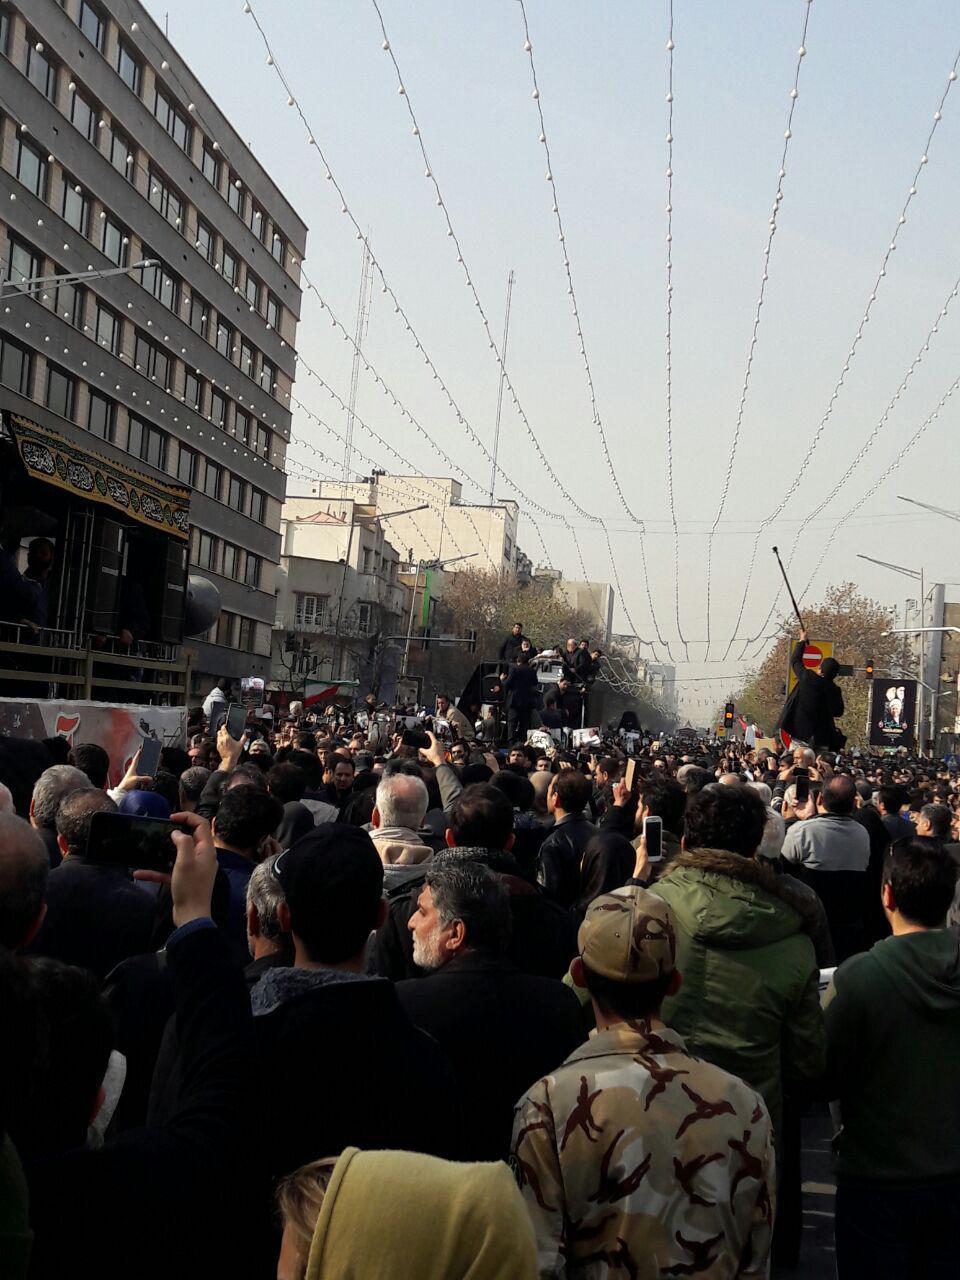 از طنین لااله الا الله تا الله اکبر در خیابان انقلاب/بنرهایی به رنگ وداع با هاشمی/انقلابی روی دستان انقلابیون